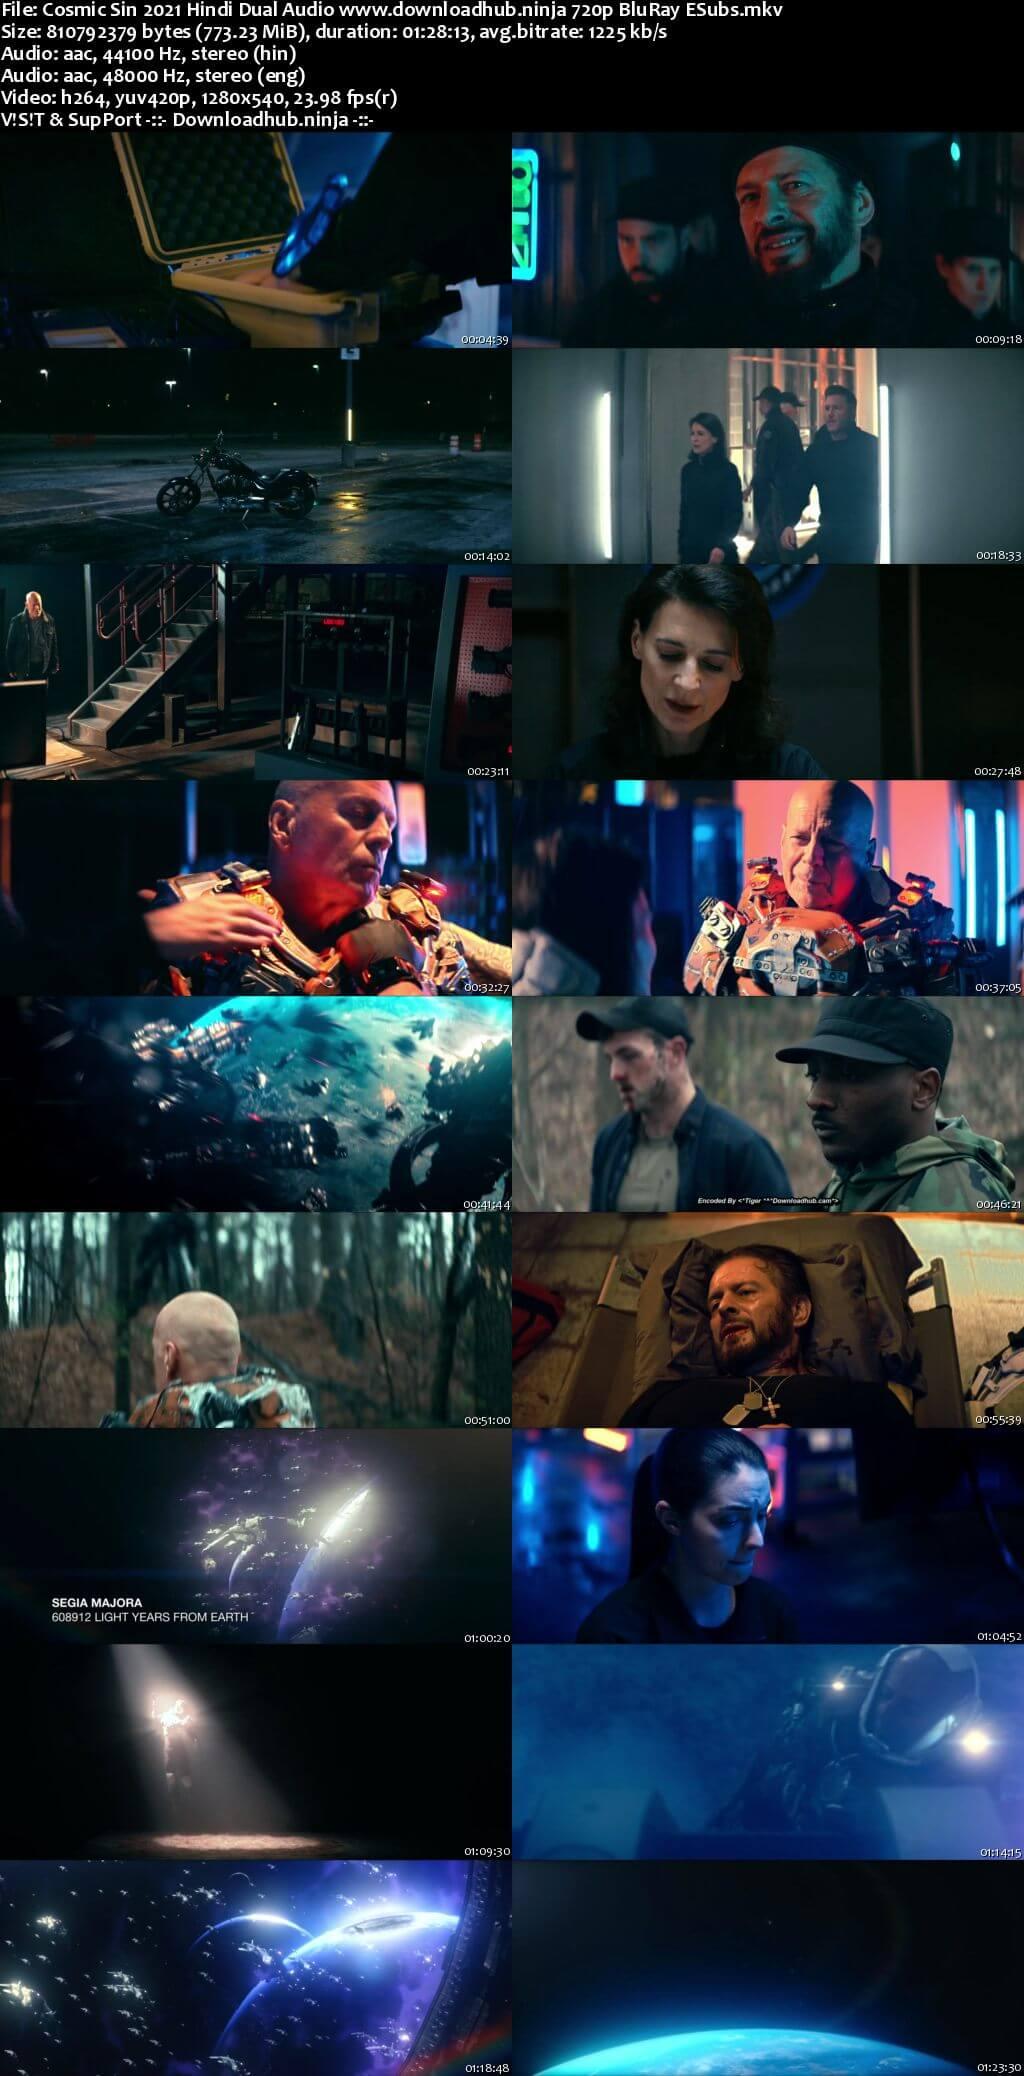 Cosmic Sin 2021 Hindi Dual Audio 720p BluRay ESubs